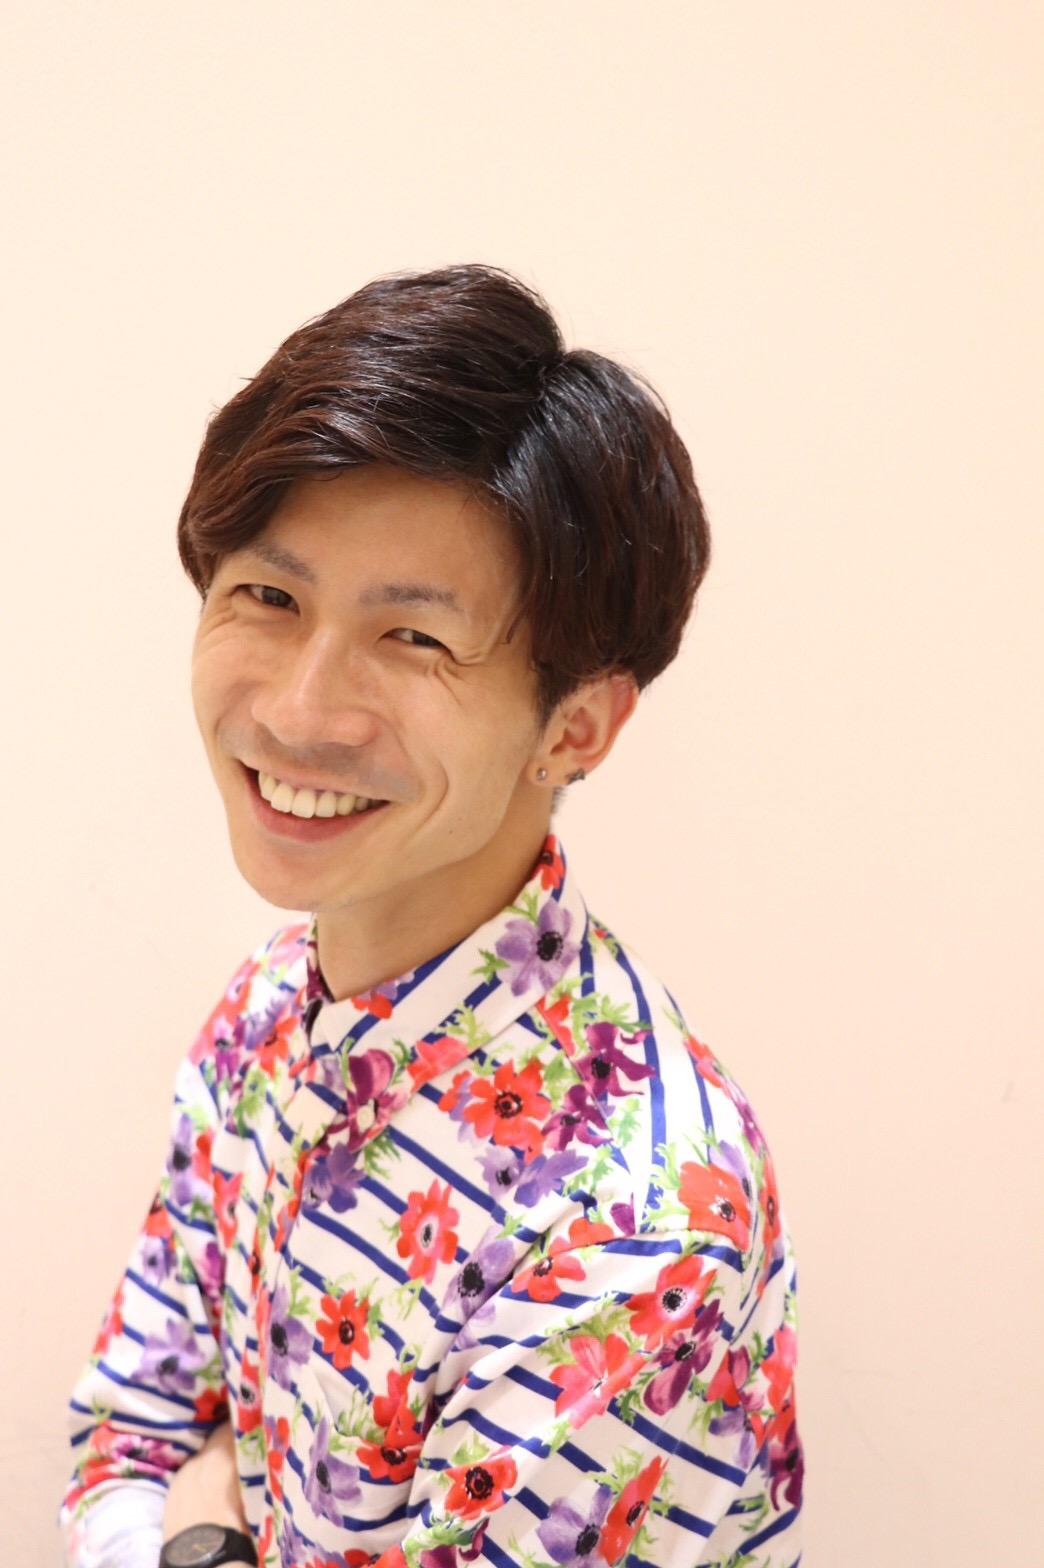 井手 健太郎